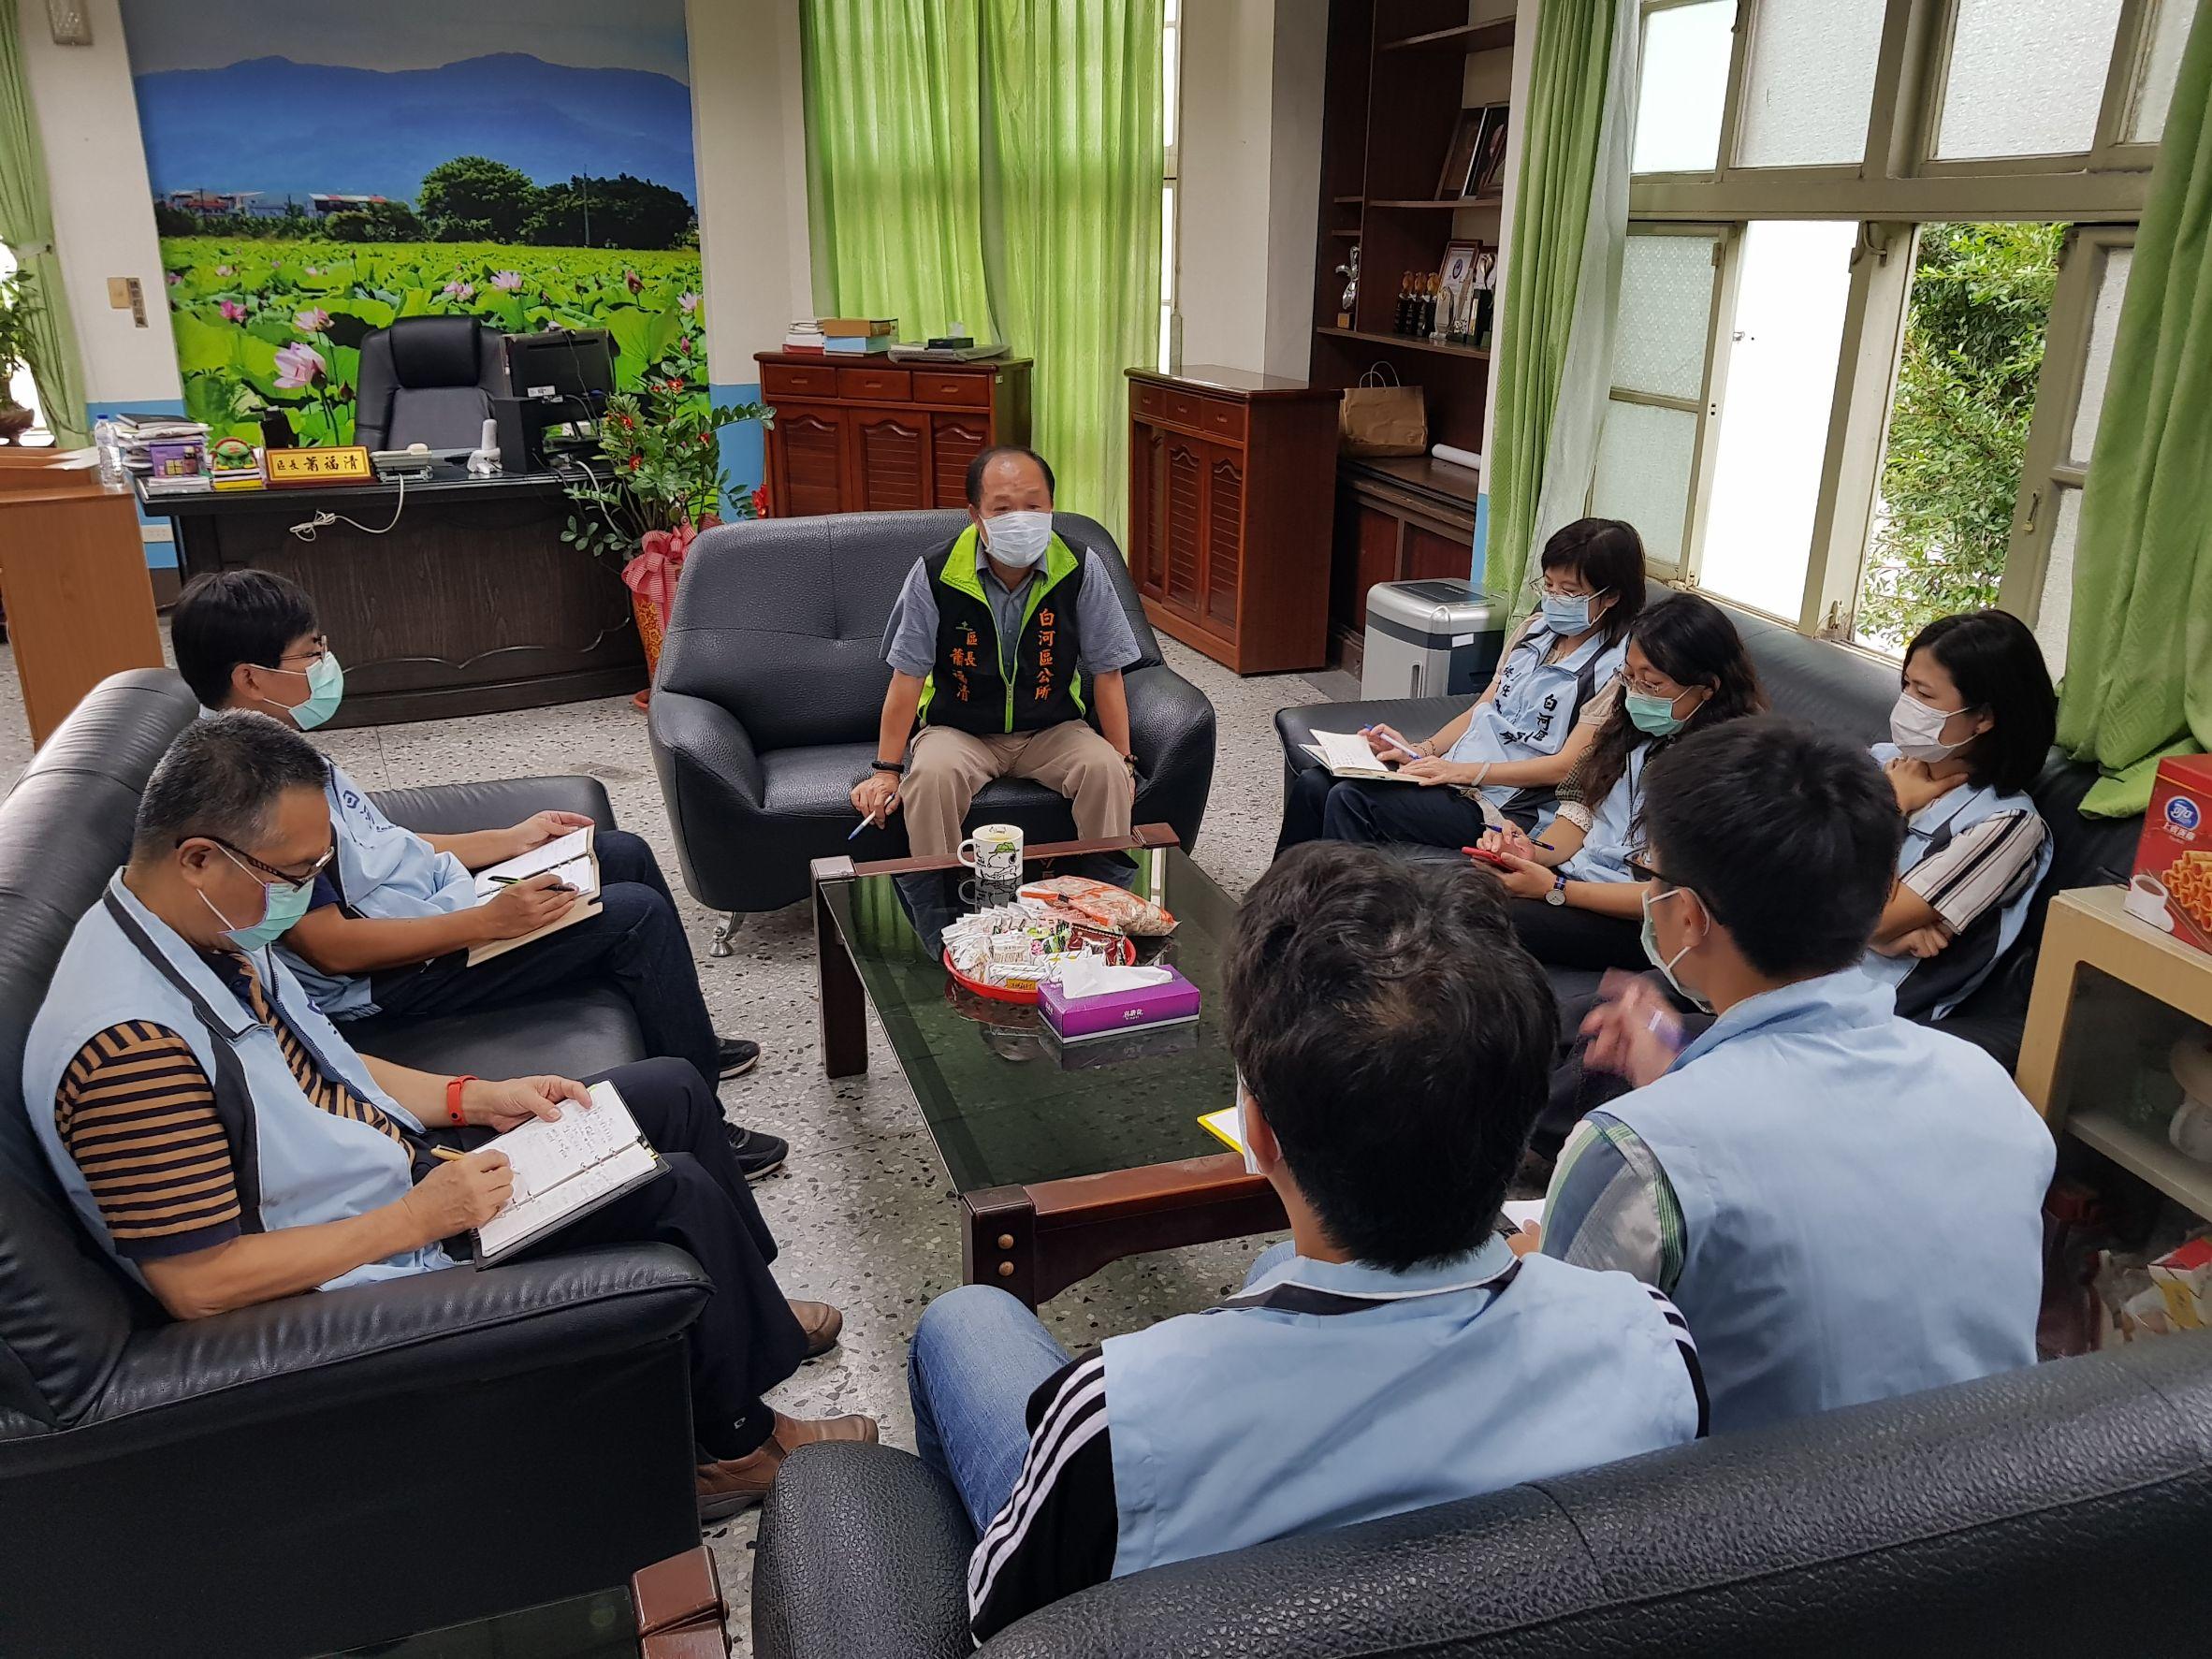 區長召開豪雨防汛會議,各課室主管列席與會